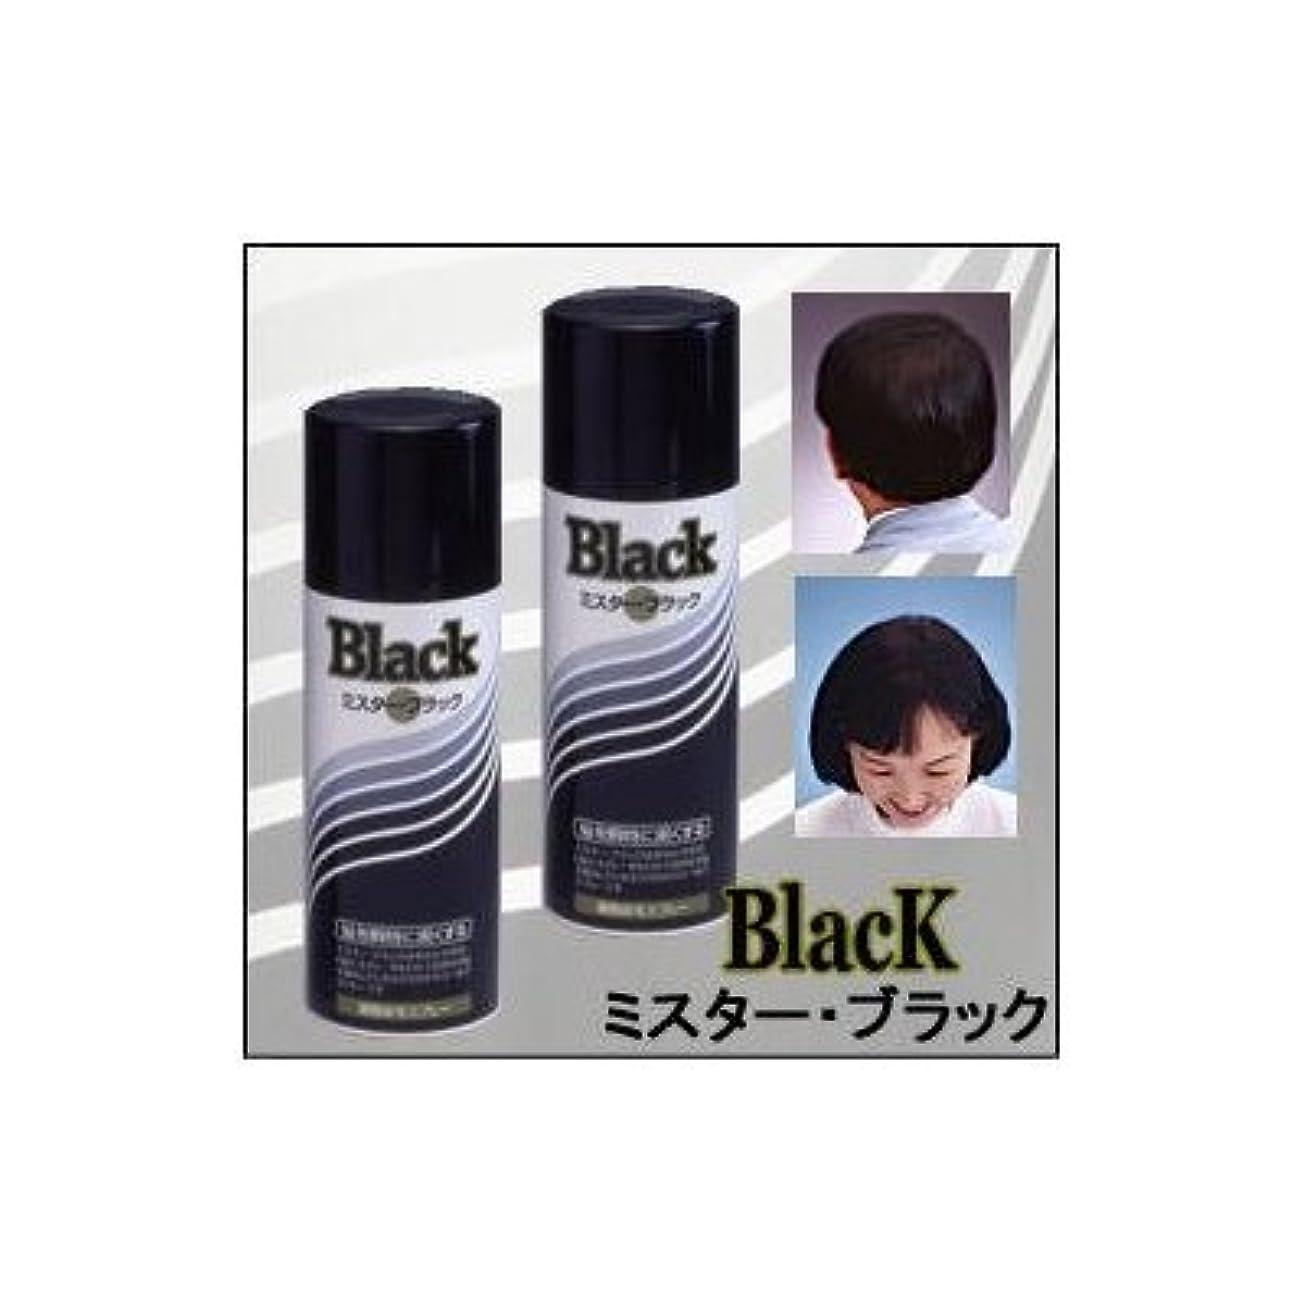 テレビパット現代『ミスターブラック ? 男女兼用』 薄毛対策スプレー  瞬時に対応 ?染毛料? 日本製 (3本組)